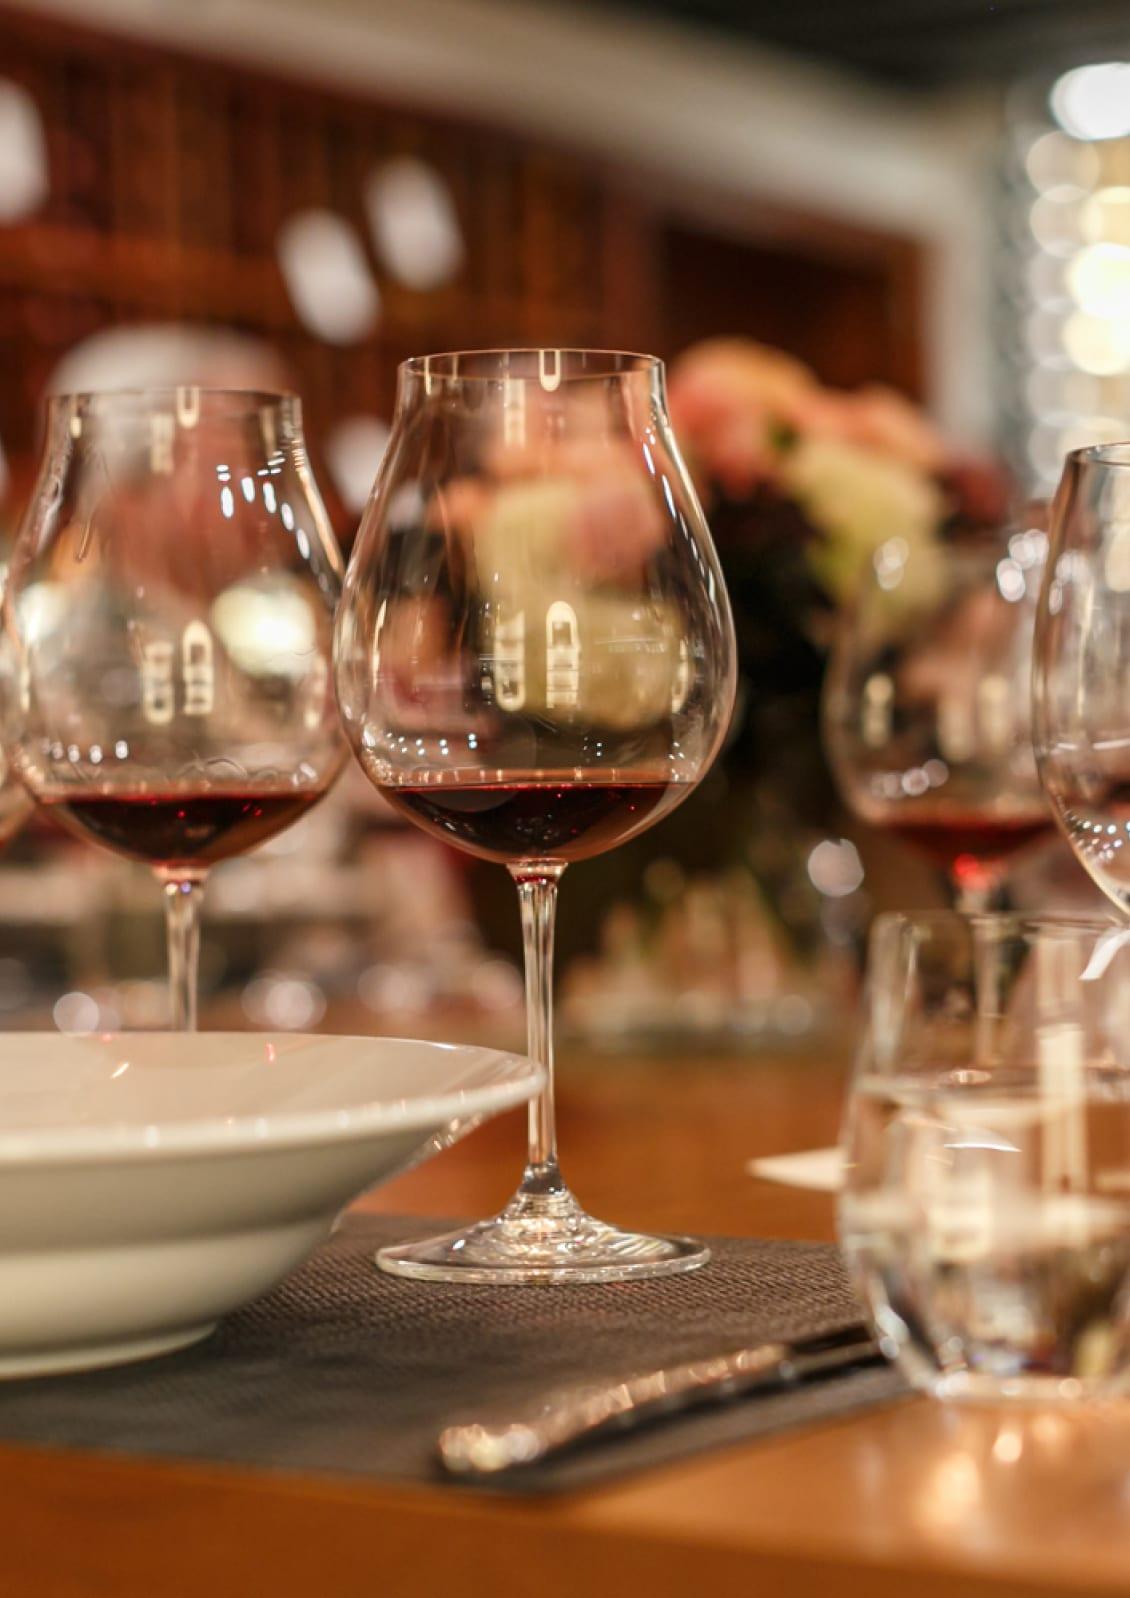 glass of Oregon Pinot Noir